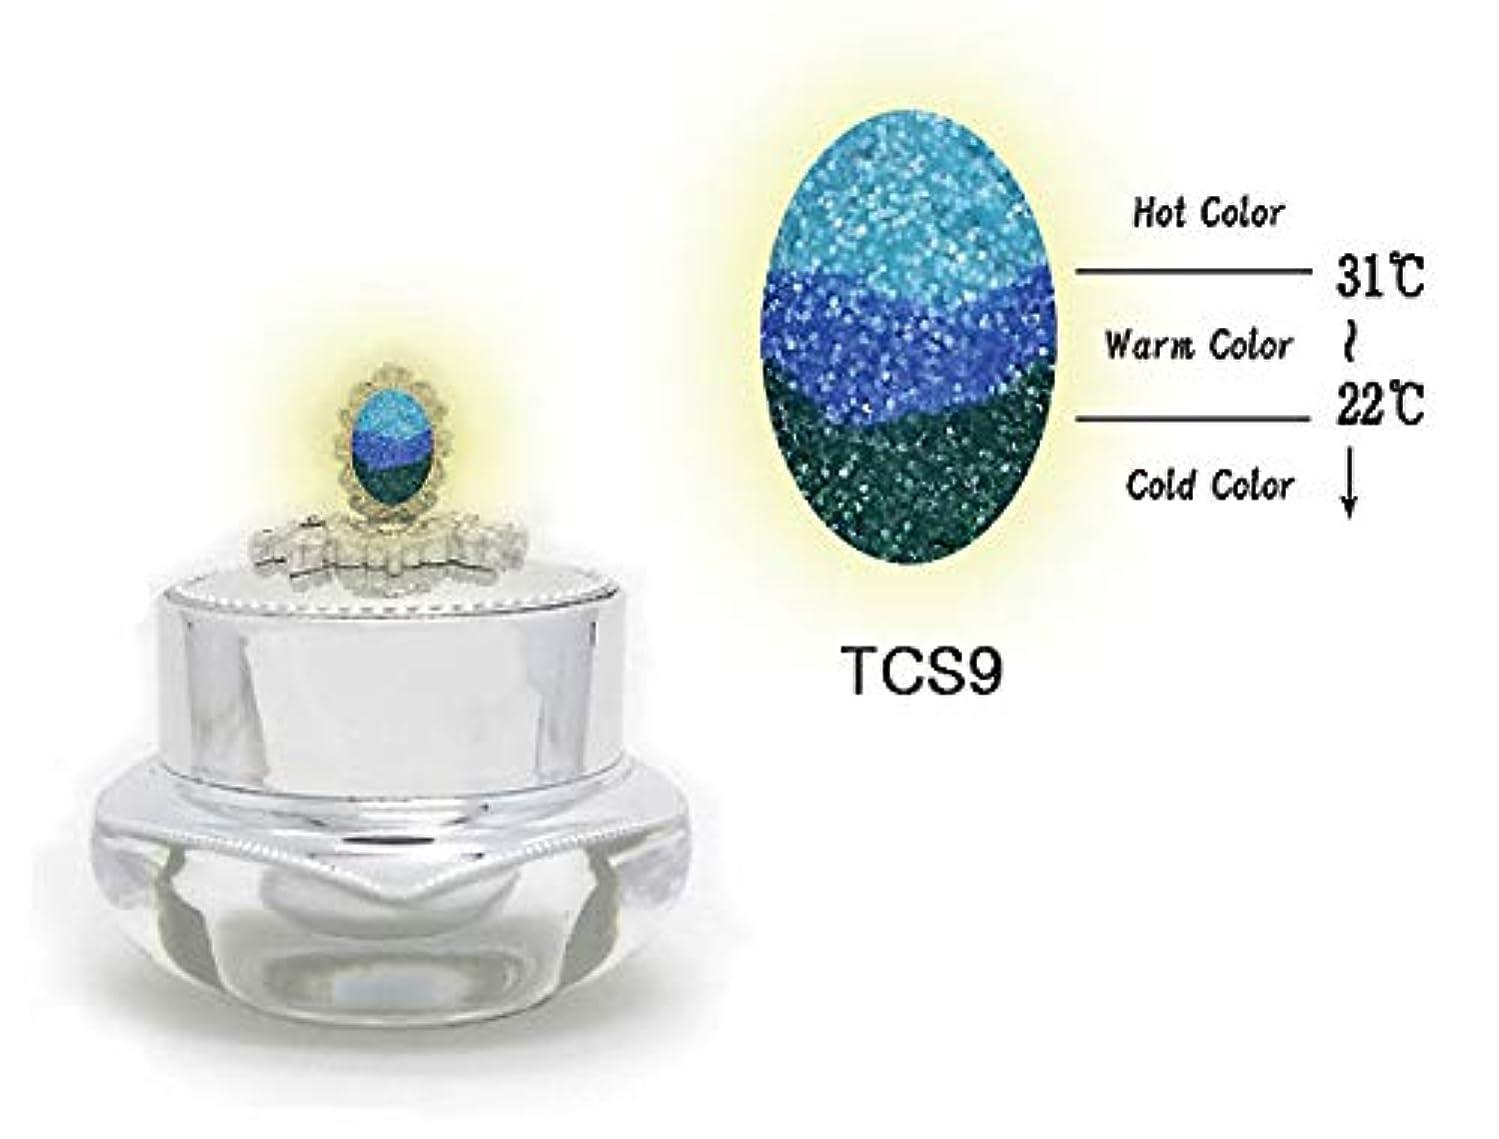 君主空気委任するKENZICO (ケンジコ) Triple Sugar Gel一般用3g 【TCS9】 3つの色に変わる夜光ジェル トリプルシュガージェル